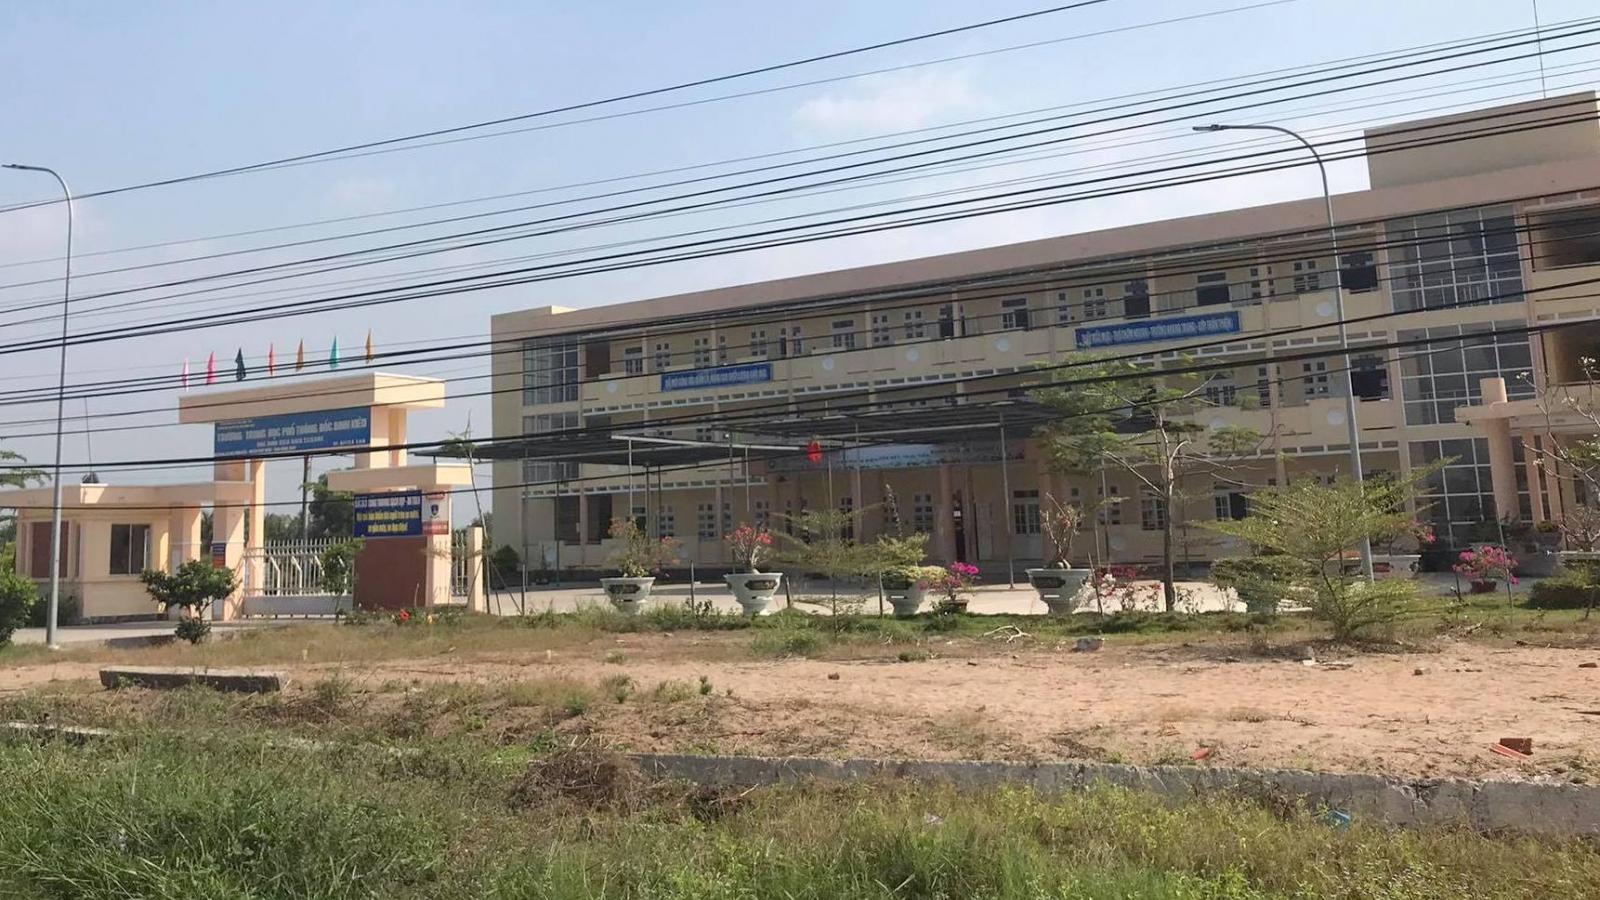 Học sinh ở Đồng Tháp bị nhóm người lạ xông vào trường đánh phải nhập viện